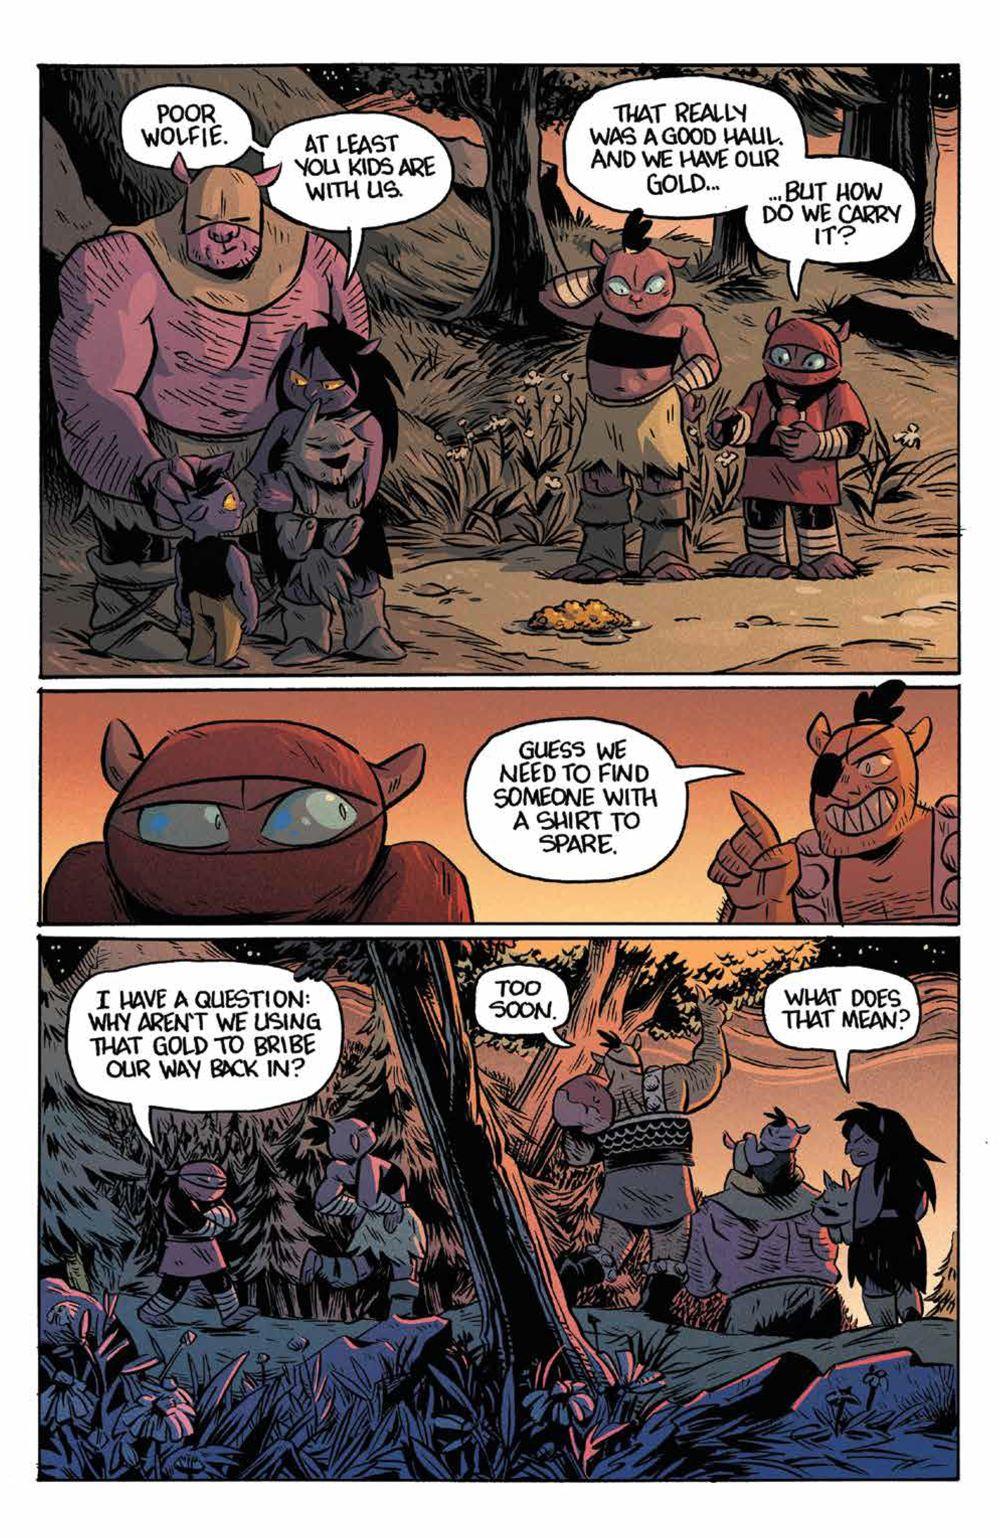 Orcs_003_PRESS_5 ComicList Previews: ORCS #3 (OF 5)